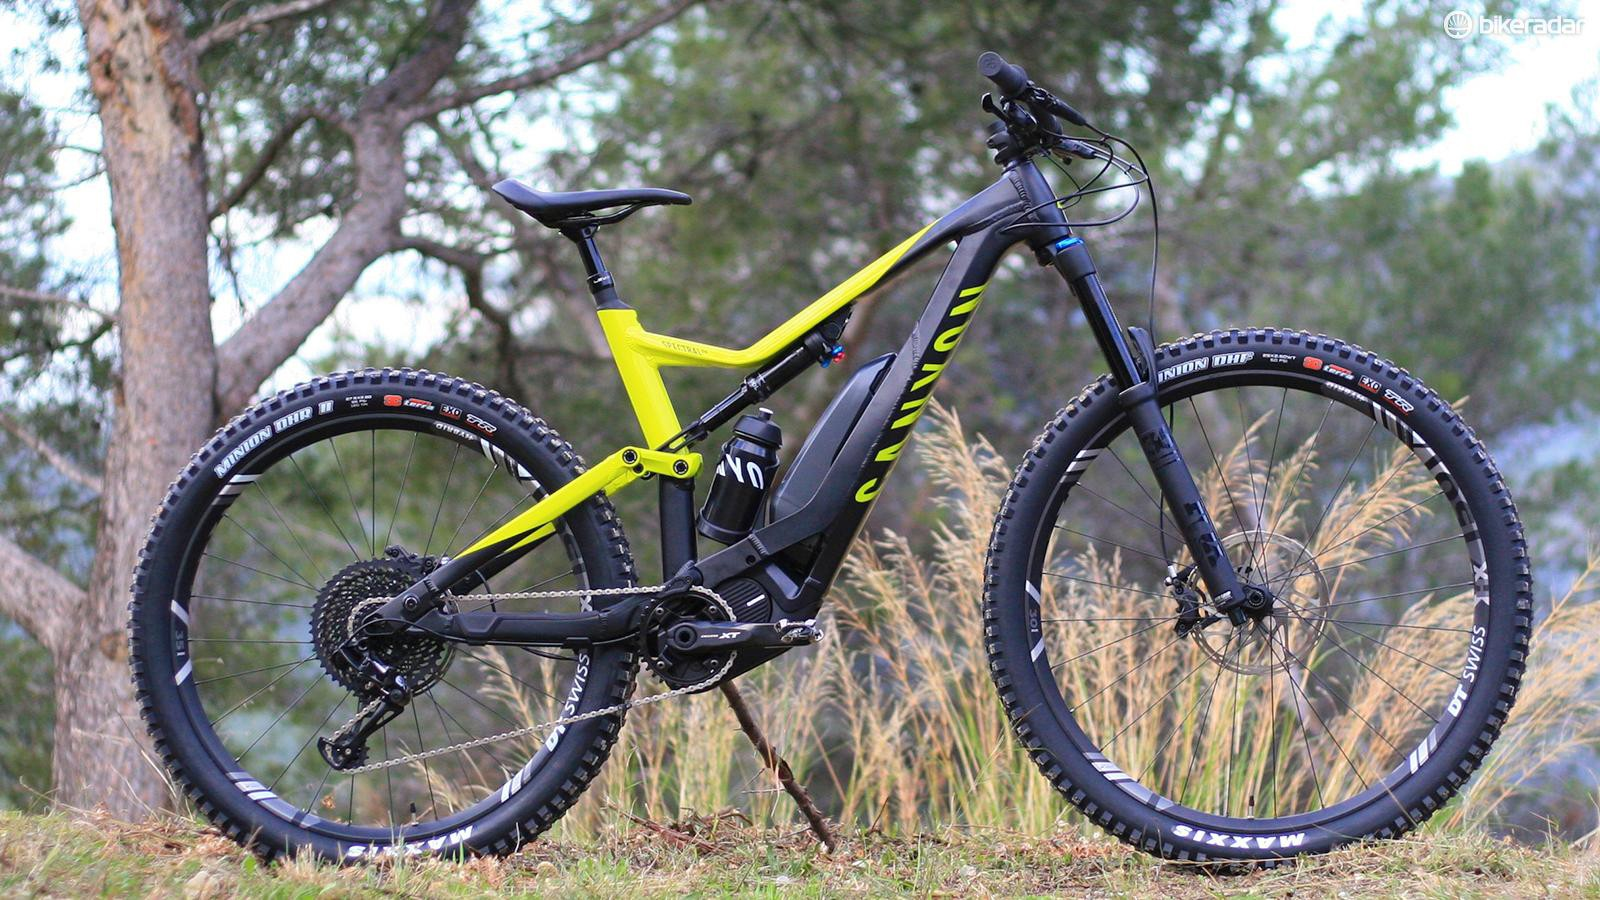 toms-top5-10-ebike-1551190349118-1502gcudaquoq-a4583ce